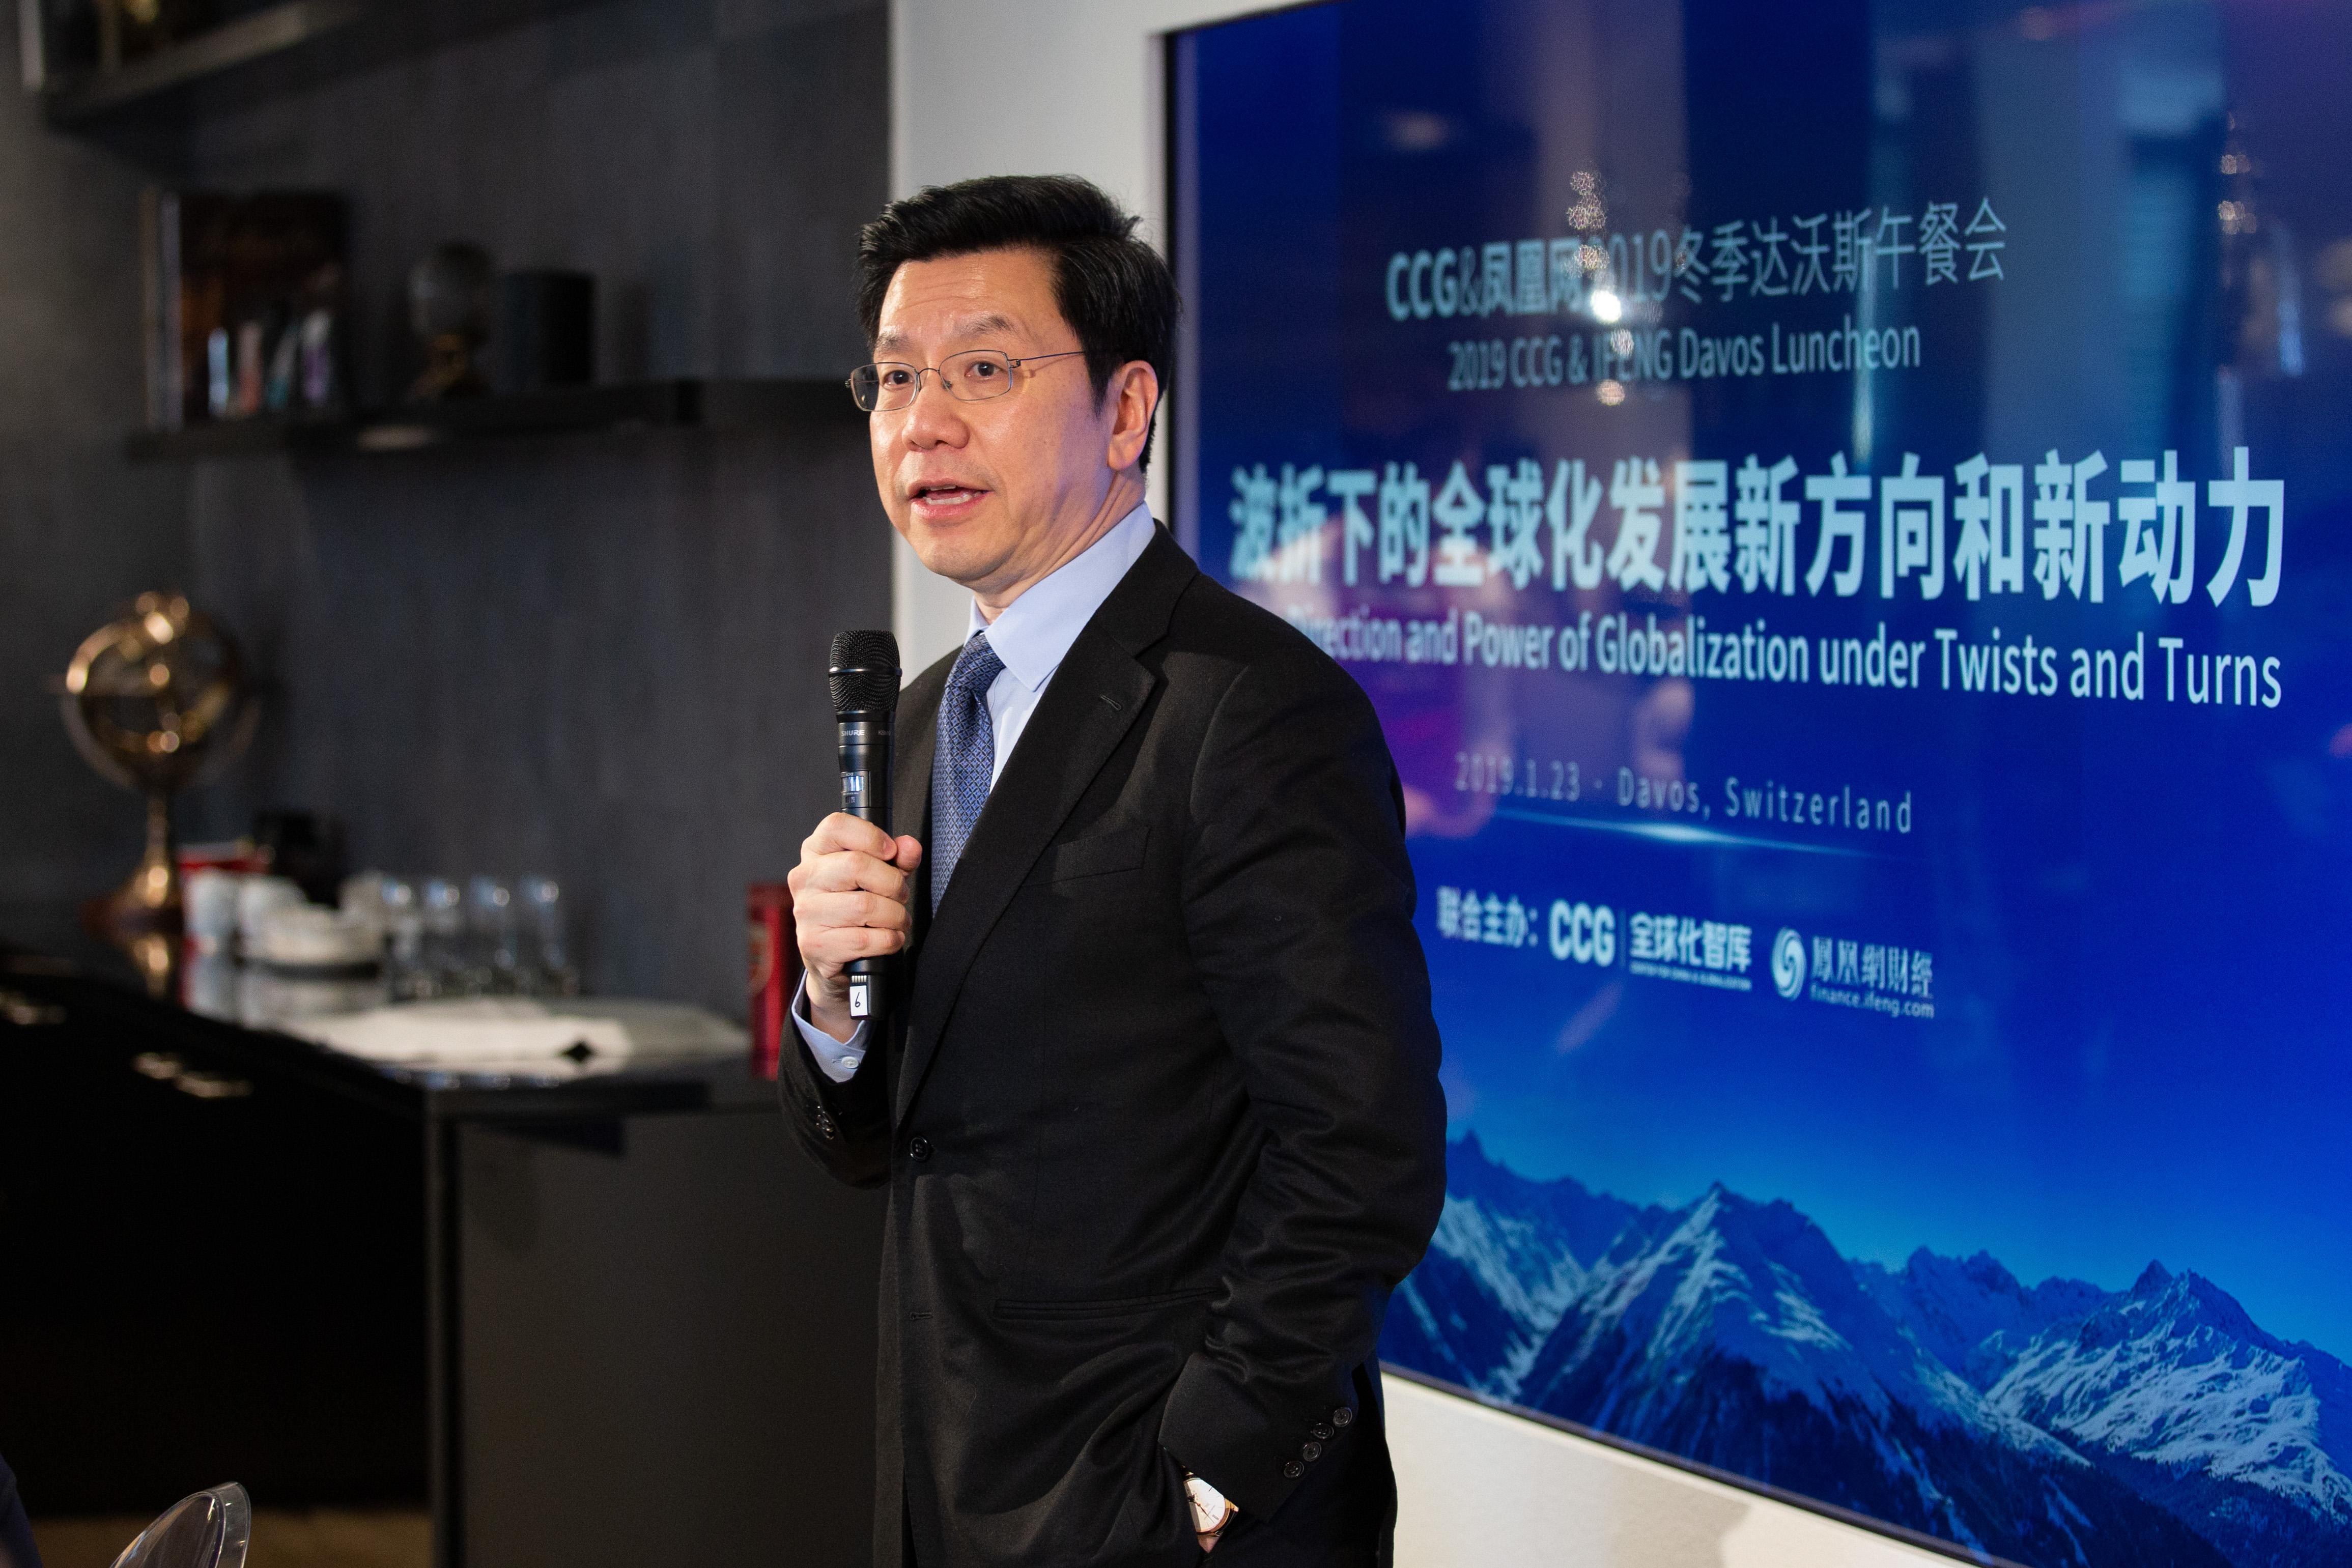 李开复:五年后中国将在这一领域超过美国 (图)